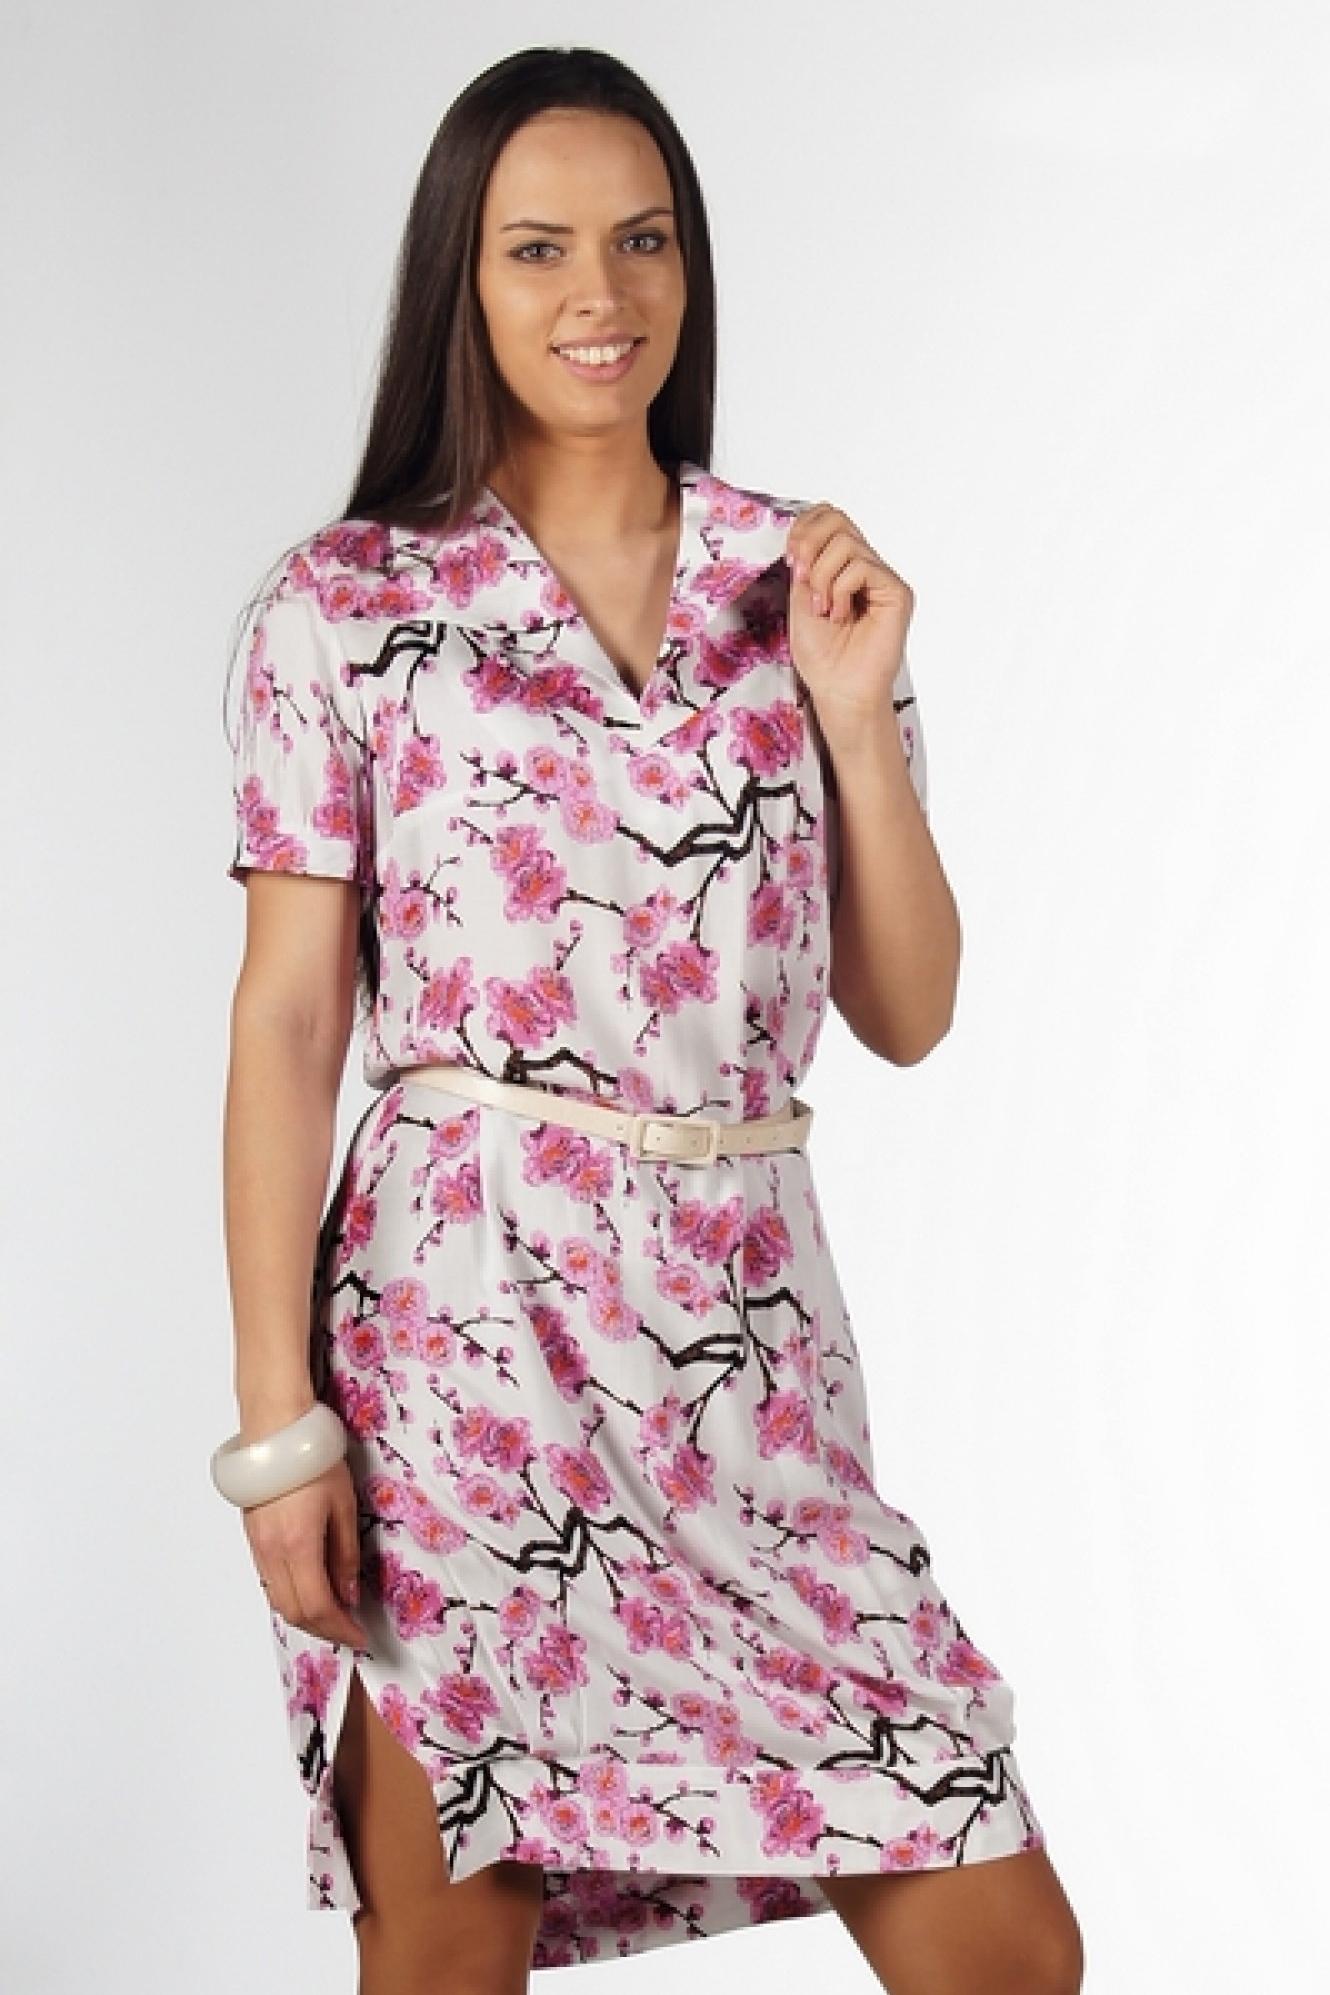 ПлатьеПлатья<br>Удобное летнее платье из мягкого штапеля нежной расцветки цветов сакуры.  Элегантный отложной воротник,  бантовая складка по спине в области лопаток для удобства движения,  по низу манжета с боковыми разрезами .   Платье без пояса. Длина около 100 см.  Цвет: белый, розовый, черный<br><br>По образу: Свидание,Город<br>По стилю: Повседневный стиль<br>По материалу: Хлопок<br>По рисунку: Растительные мотивы,С принтом,Цветные,Цветочные<br>По сезону: Лето<br>По силуэту: Полуприталенные<br>По элементам: С разрезом<br>По длине: До колена<br>Воротник: Отложной<br>Рукав: Короткий рукав<br>Горловина: V- горловина<br>Размер: 46,48,50,52,54,56,58<br>Материал: 90% хлопок 10% полиэстер<br>Количество в наличии: 2